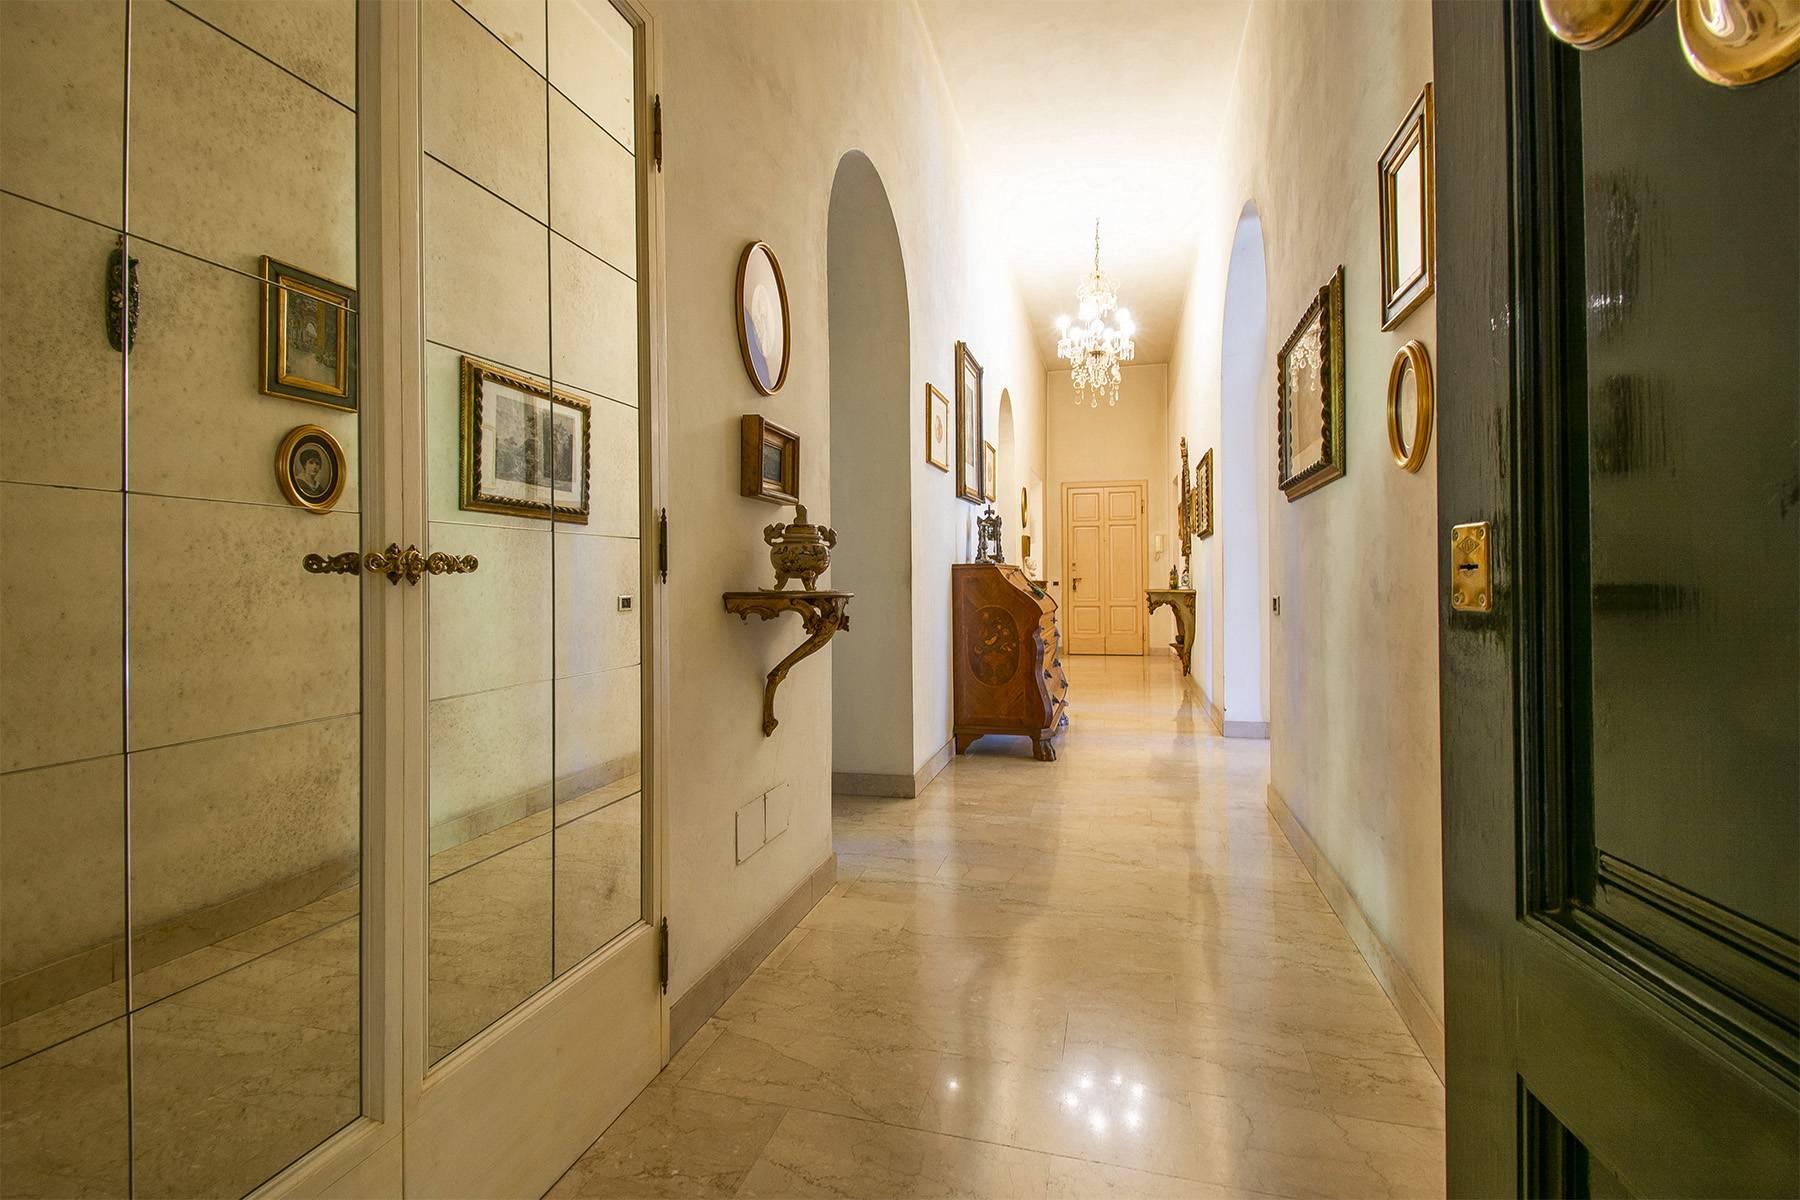 Exquisite apartment in a historic villa - 12